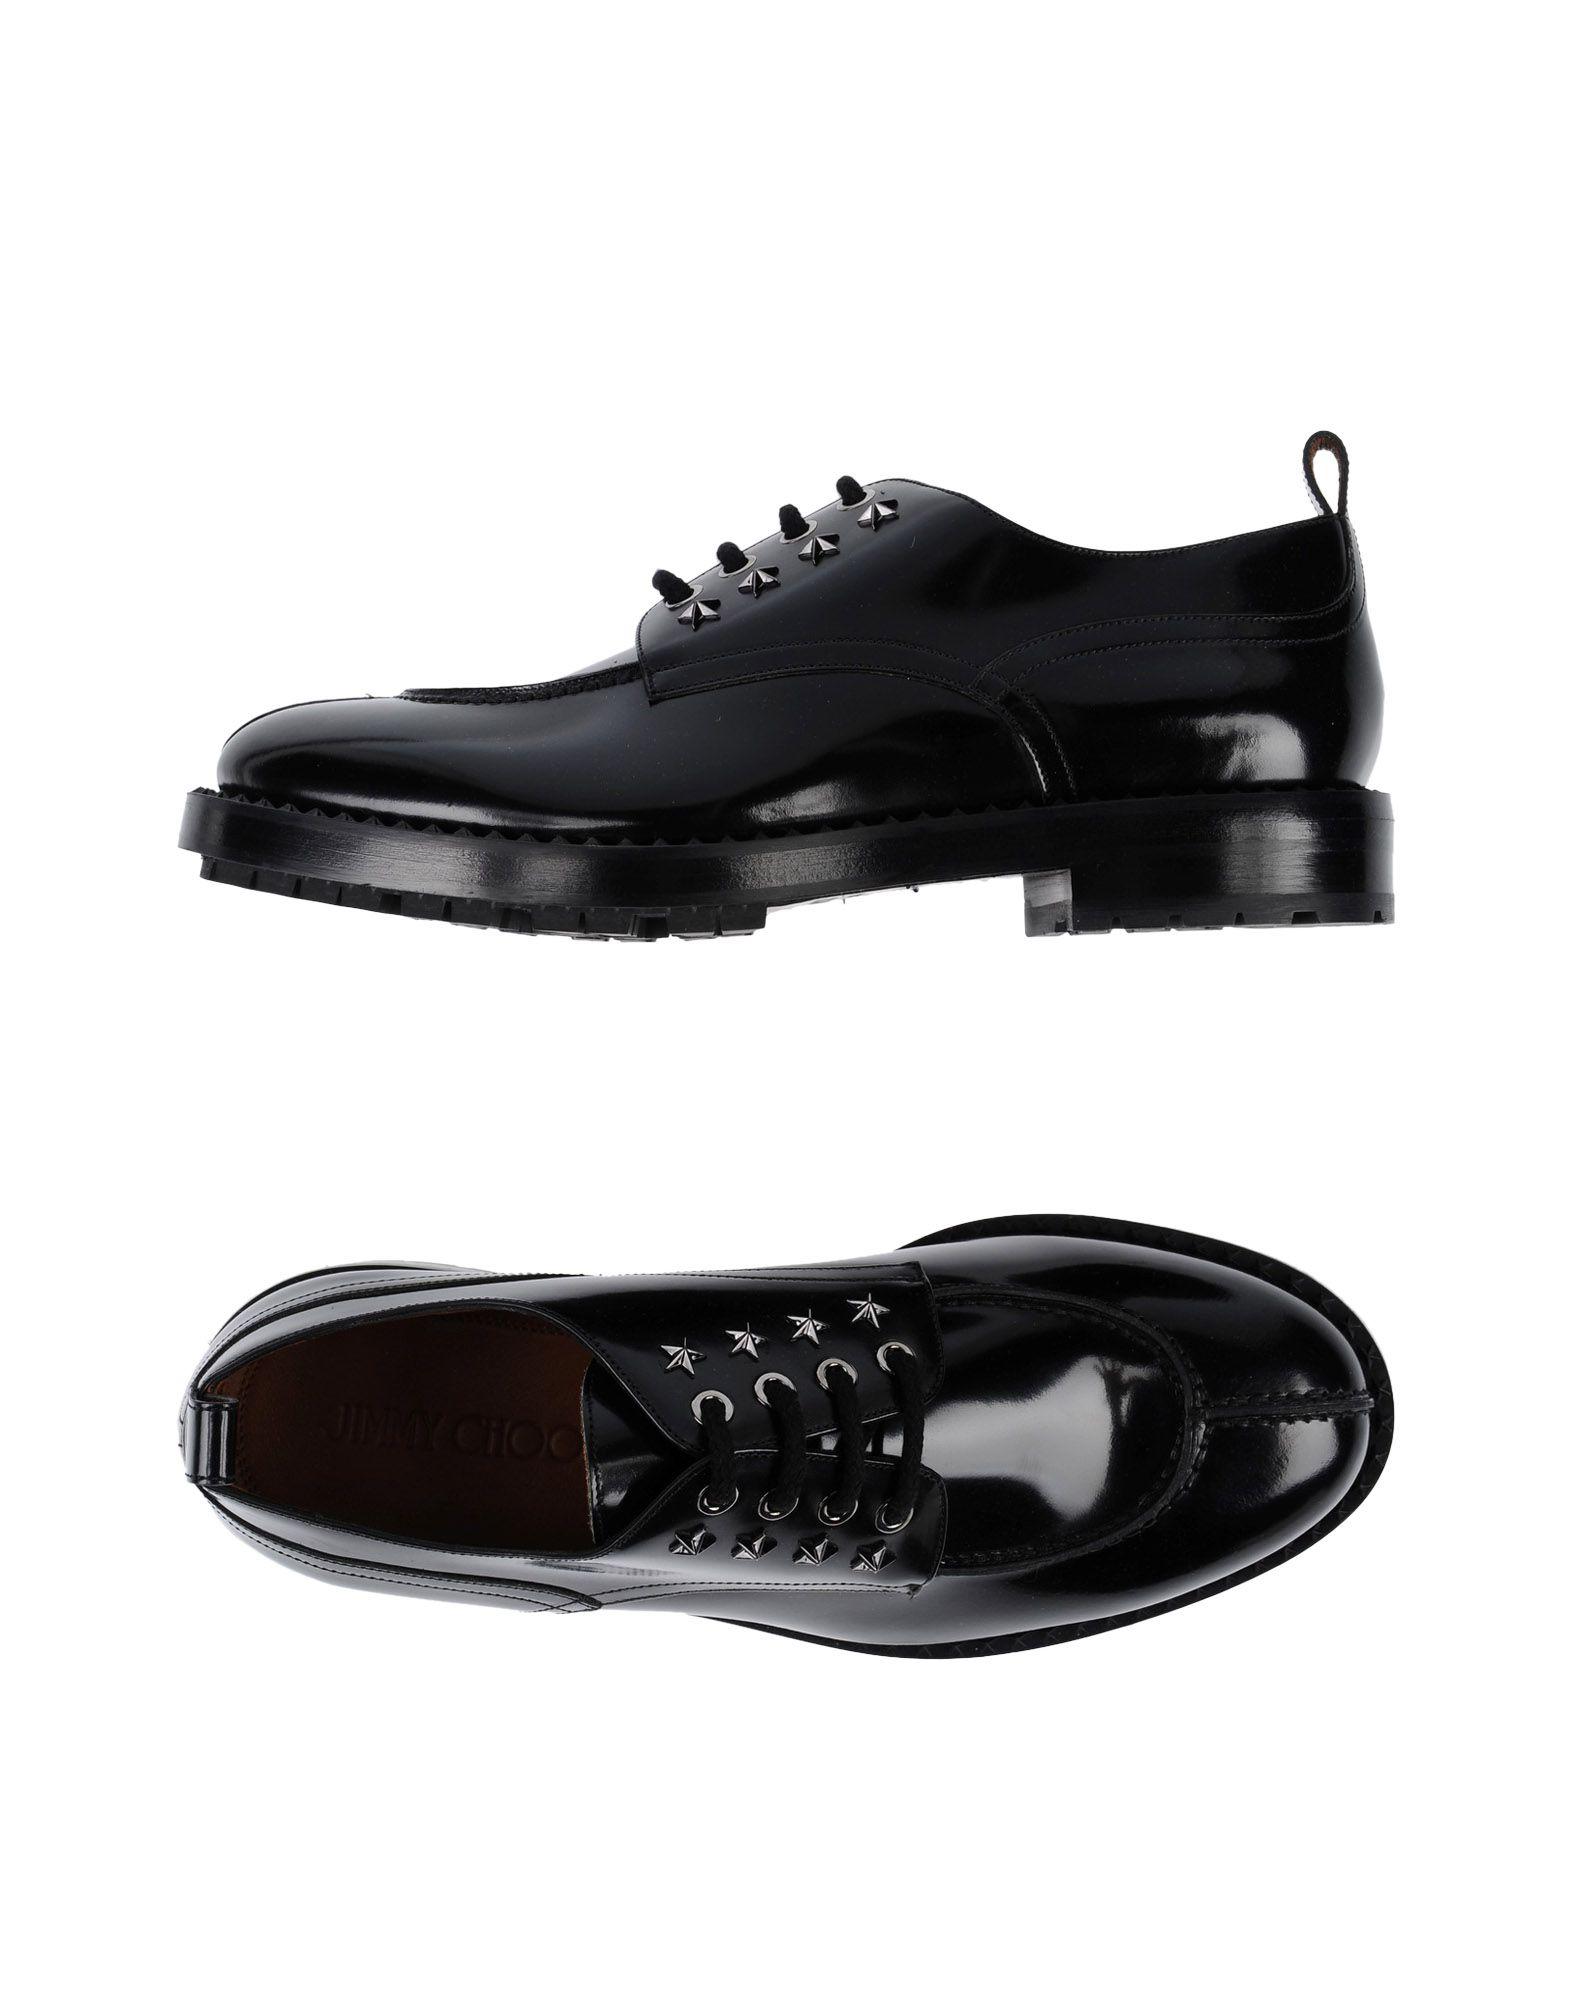 Los zapatos más populares para hombres y  mujeres  y Zapato De Cordones Jimmy Choo Hombre - Zapatos De Cordones Jimmy Choo 075630